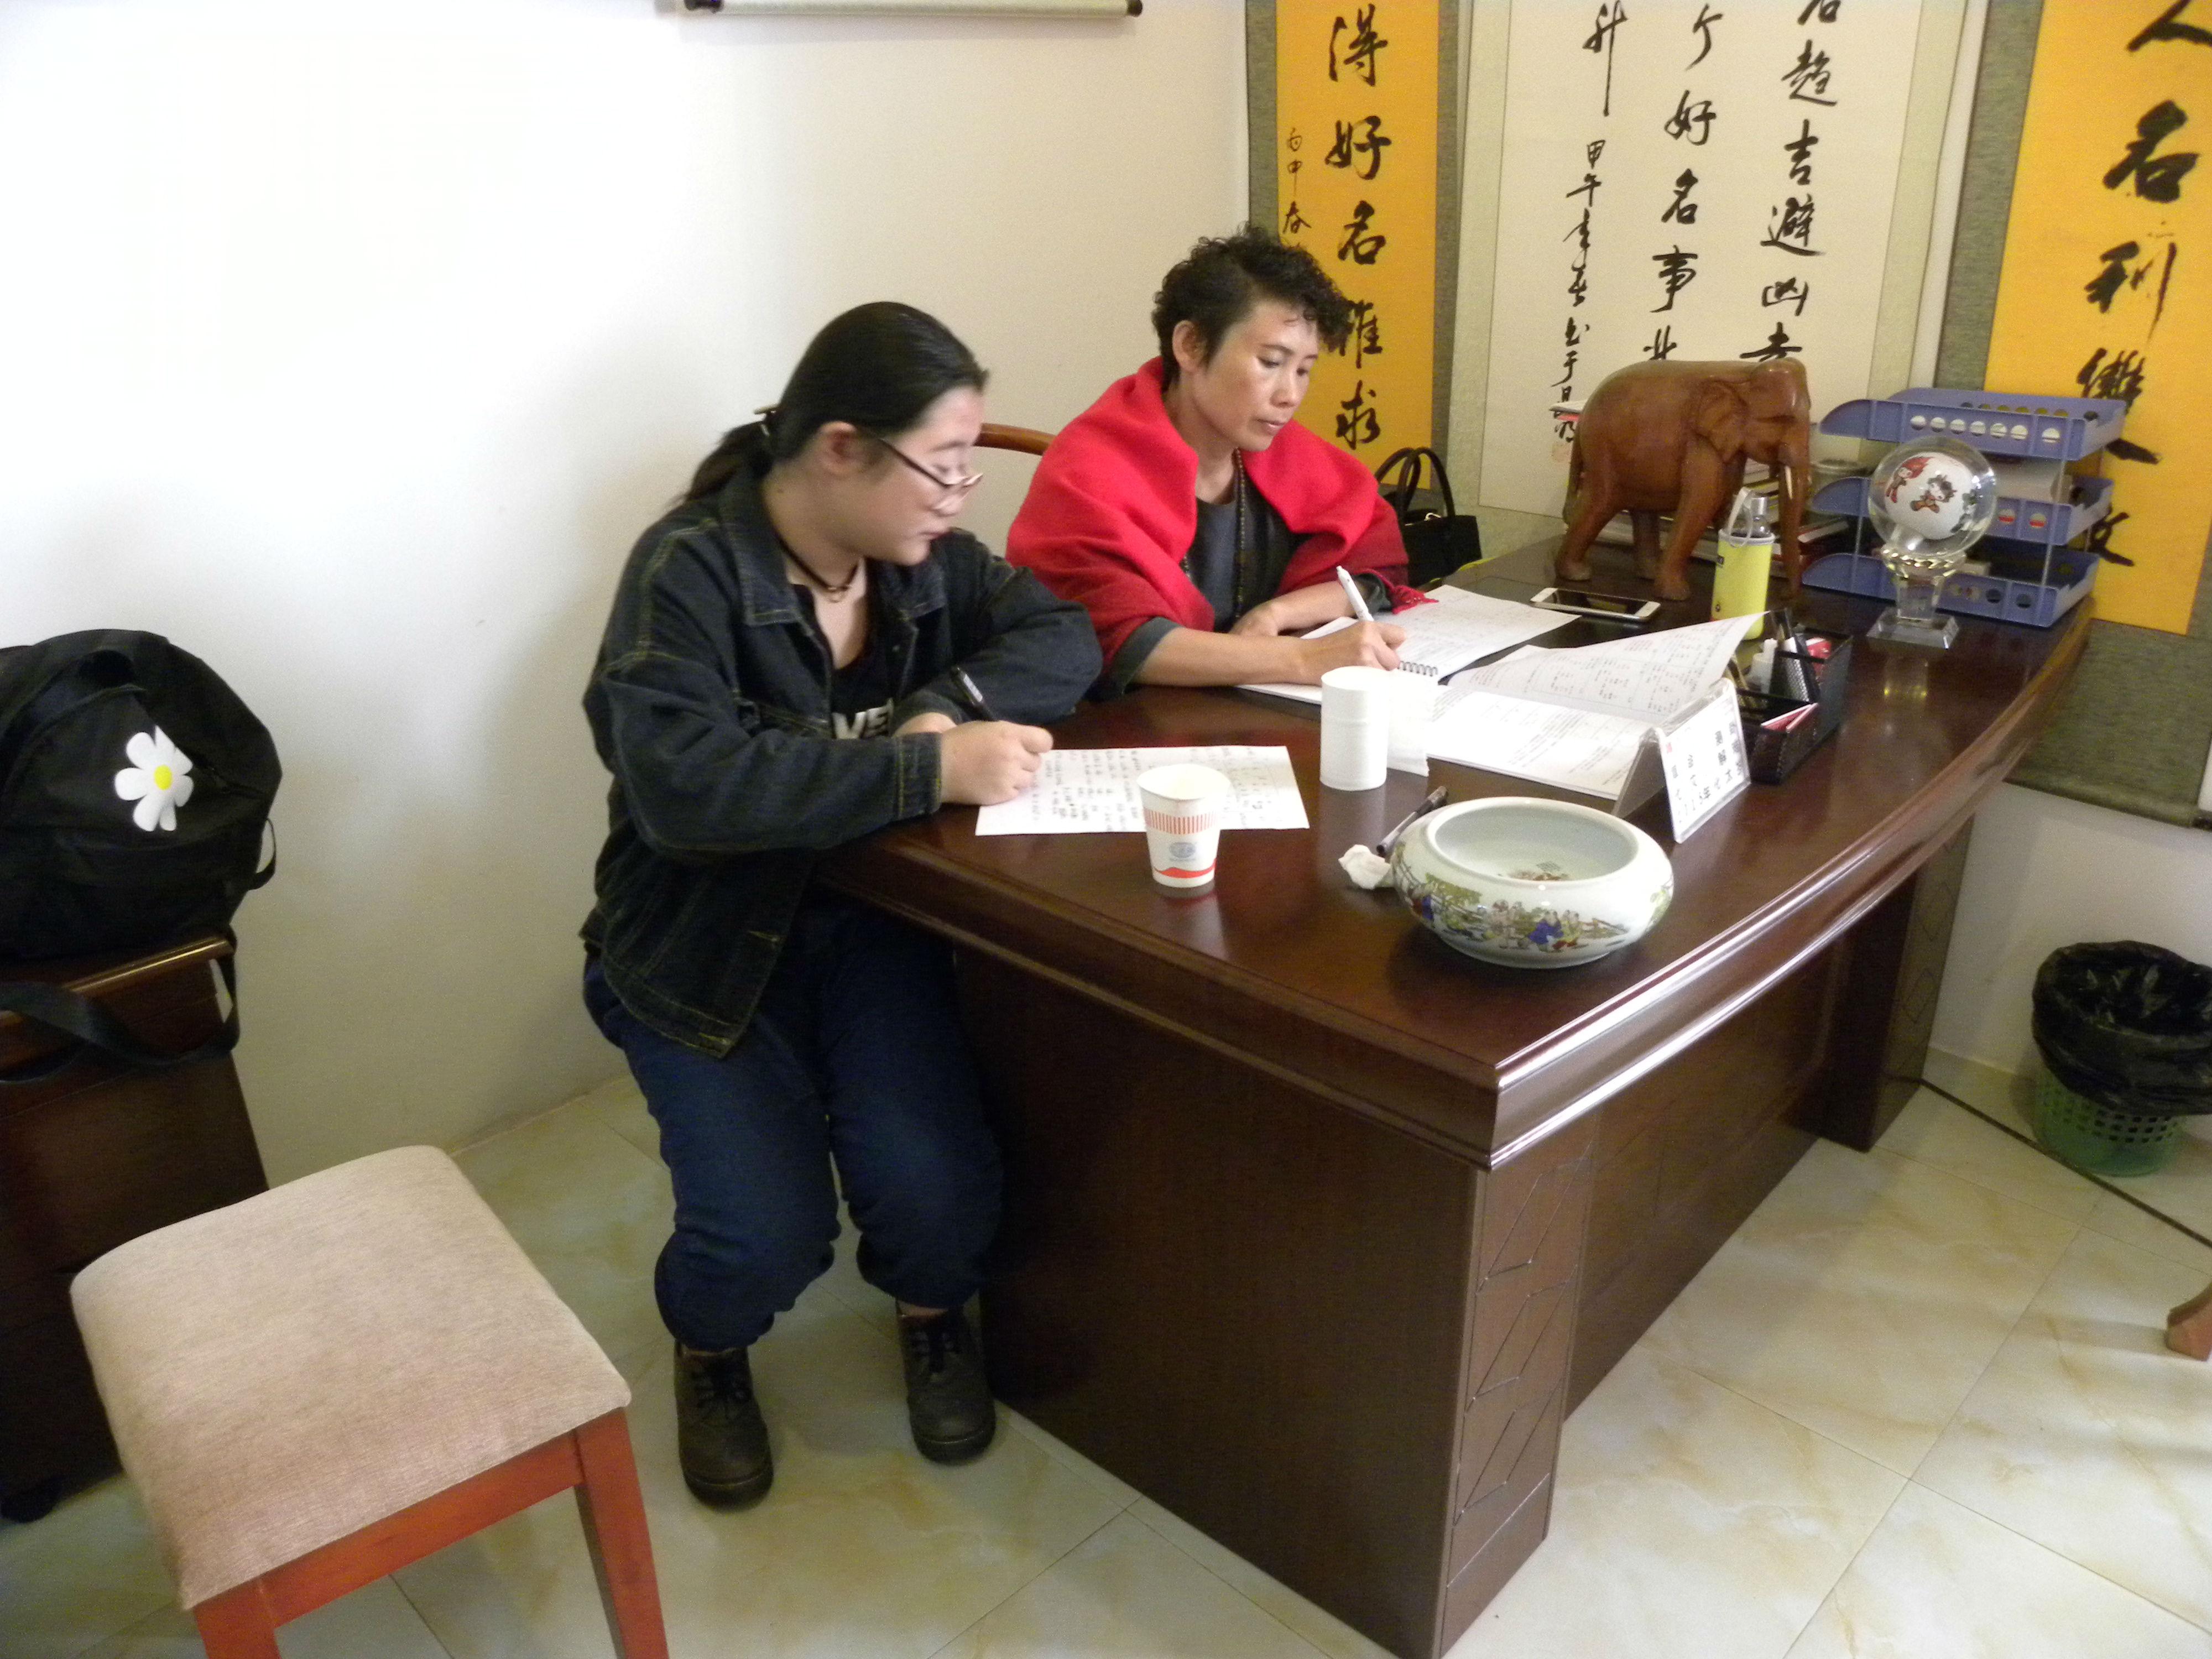 http://www.ynyihexuan.cn/161022111528575015750041.jpg